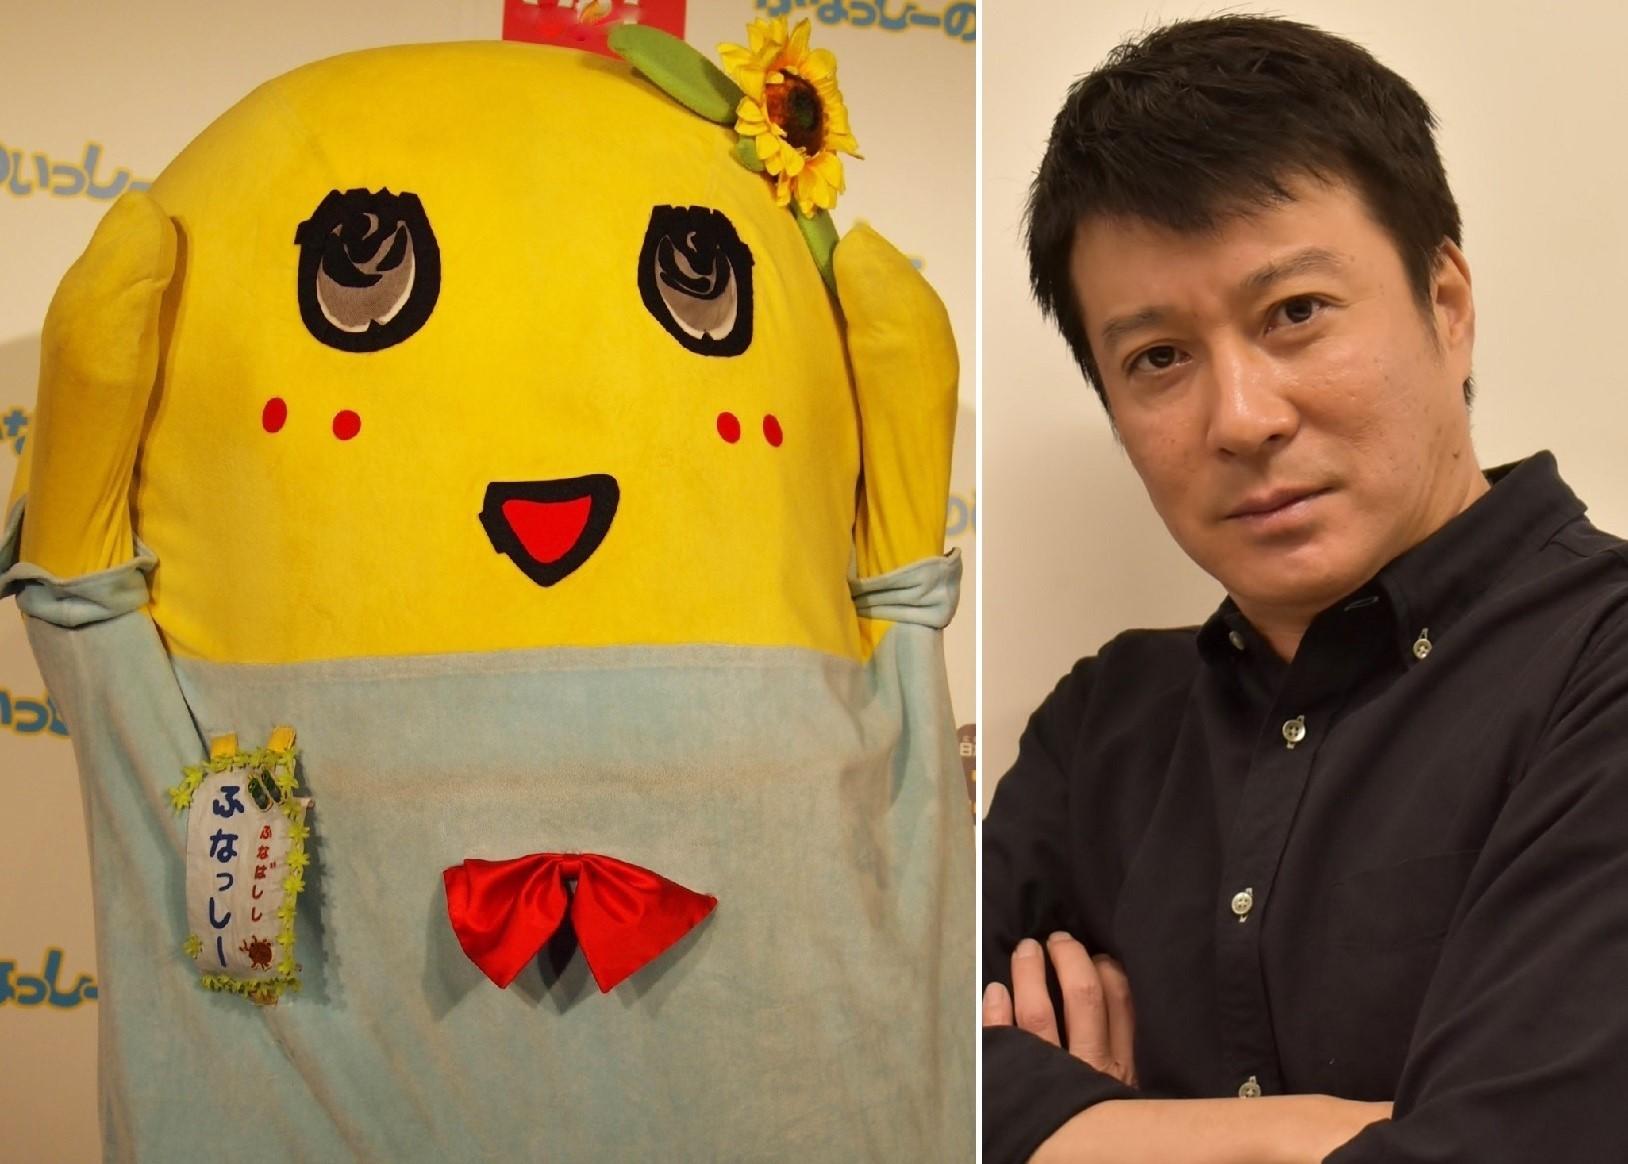 ふなっしーと加藤浩次が3度目の相撲対決へ